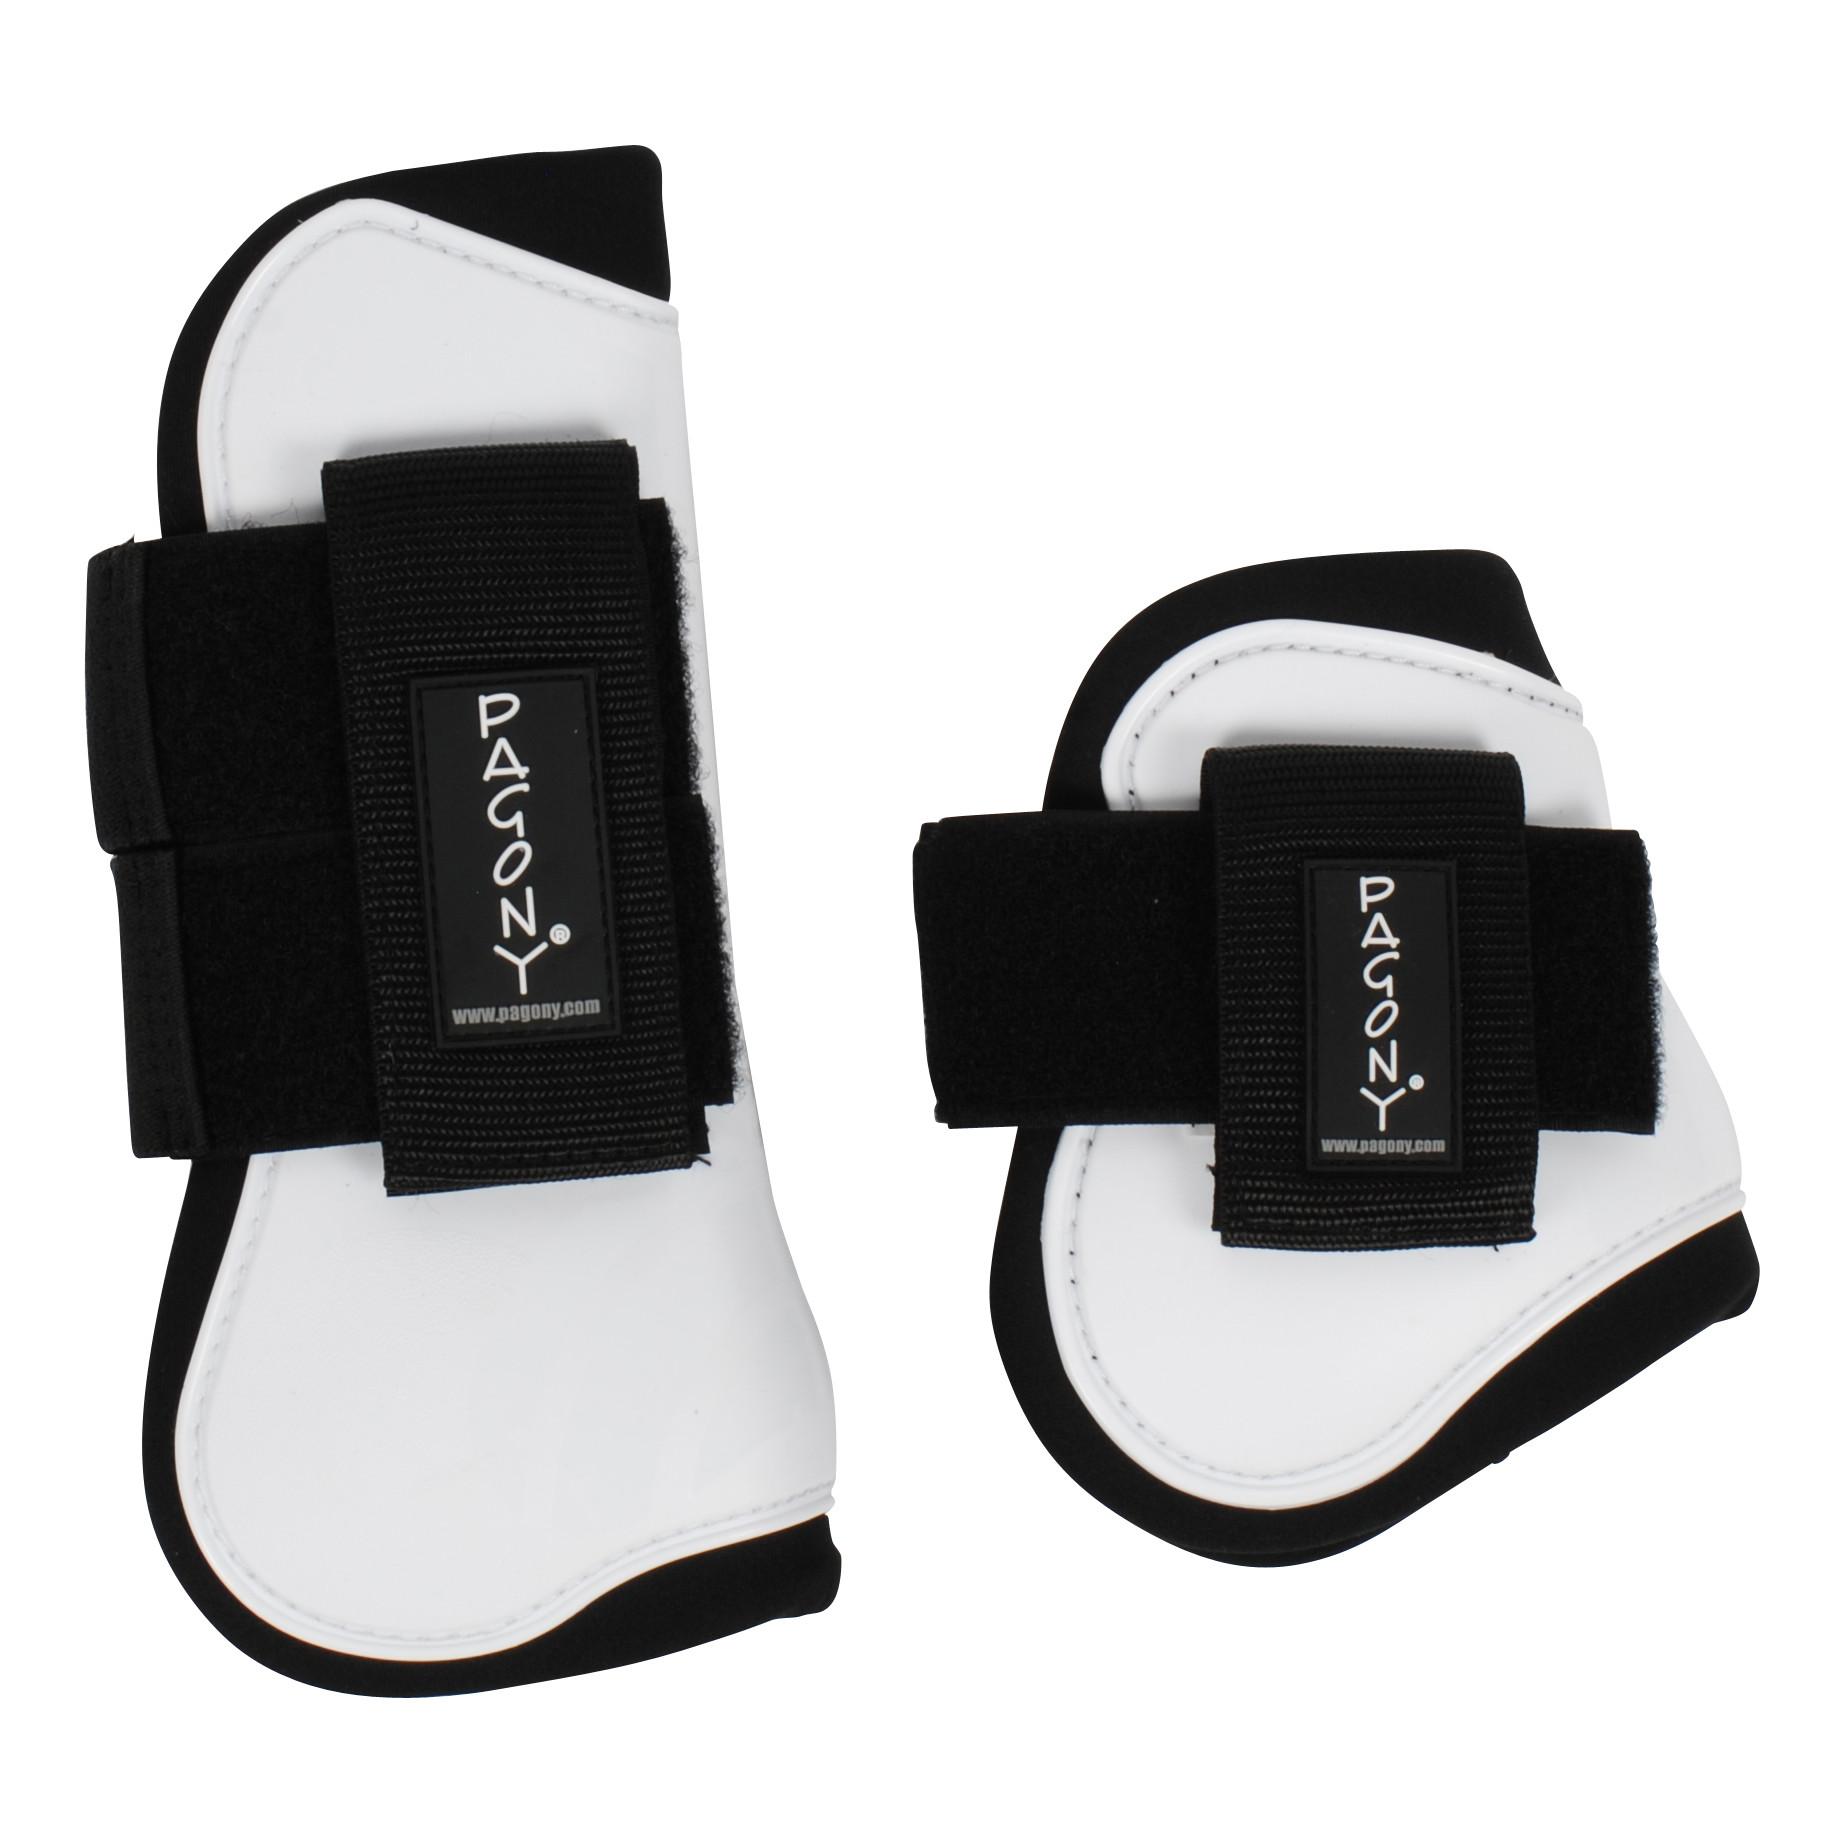 Pagony Pro Velcro Pees- en kogelbeschermerset wit maat:full